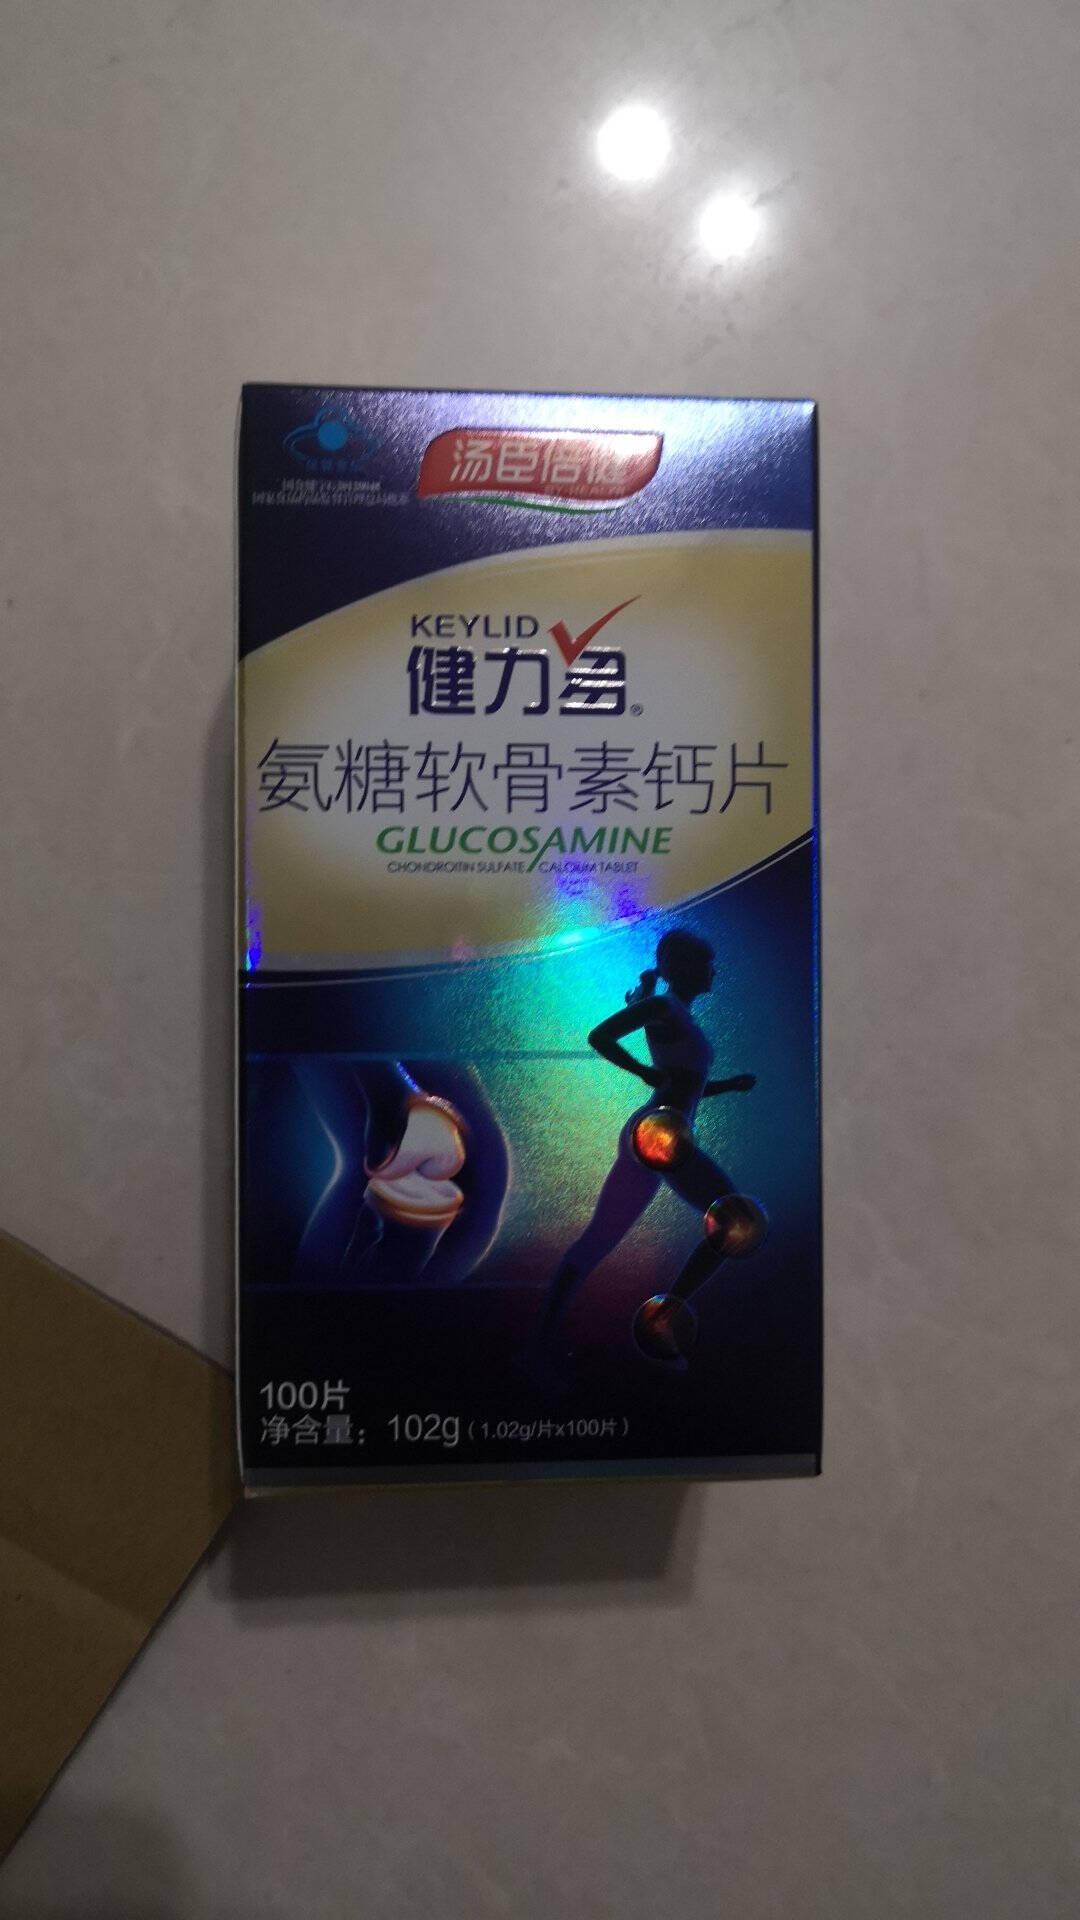 【健康礼盒】汤臣倍健胶原蛋白软骨素钙片礼盒成人中老年钙片增加骨密度补钙180片